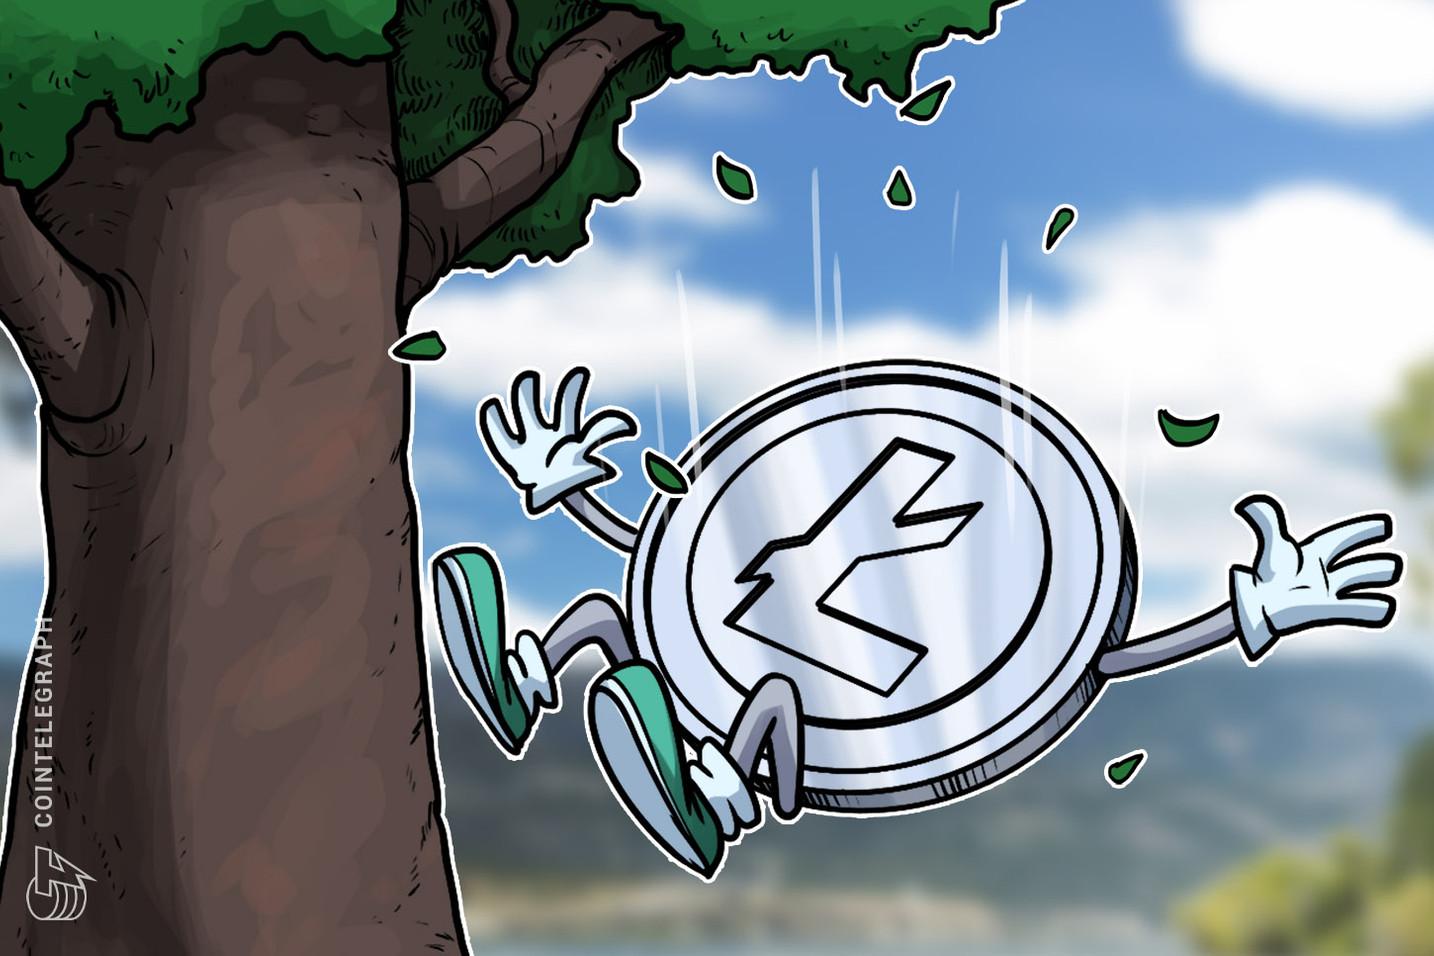 Litecoin geht nach Gewinnen durch Abra-Ankündiung wieder zurück